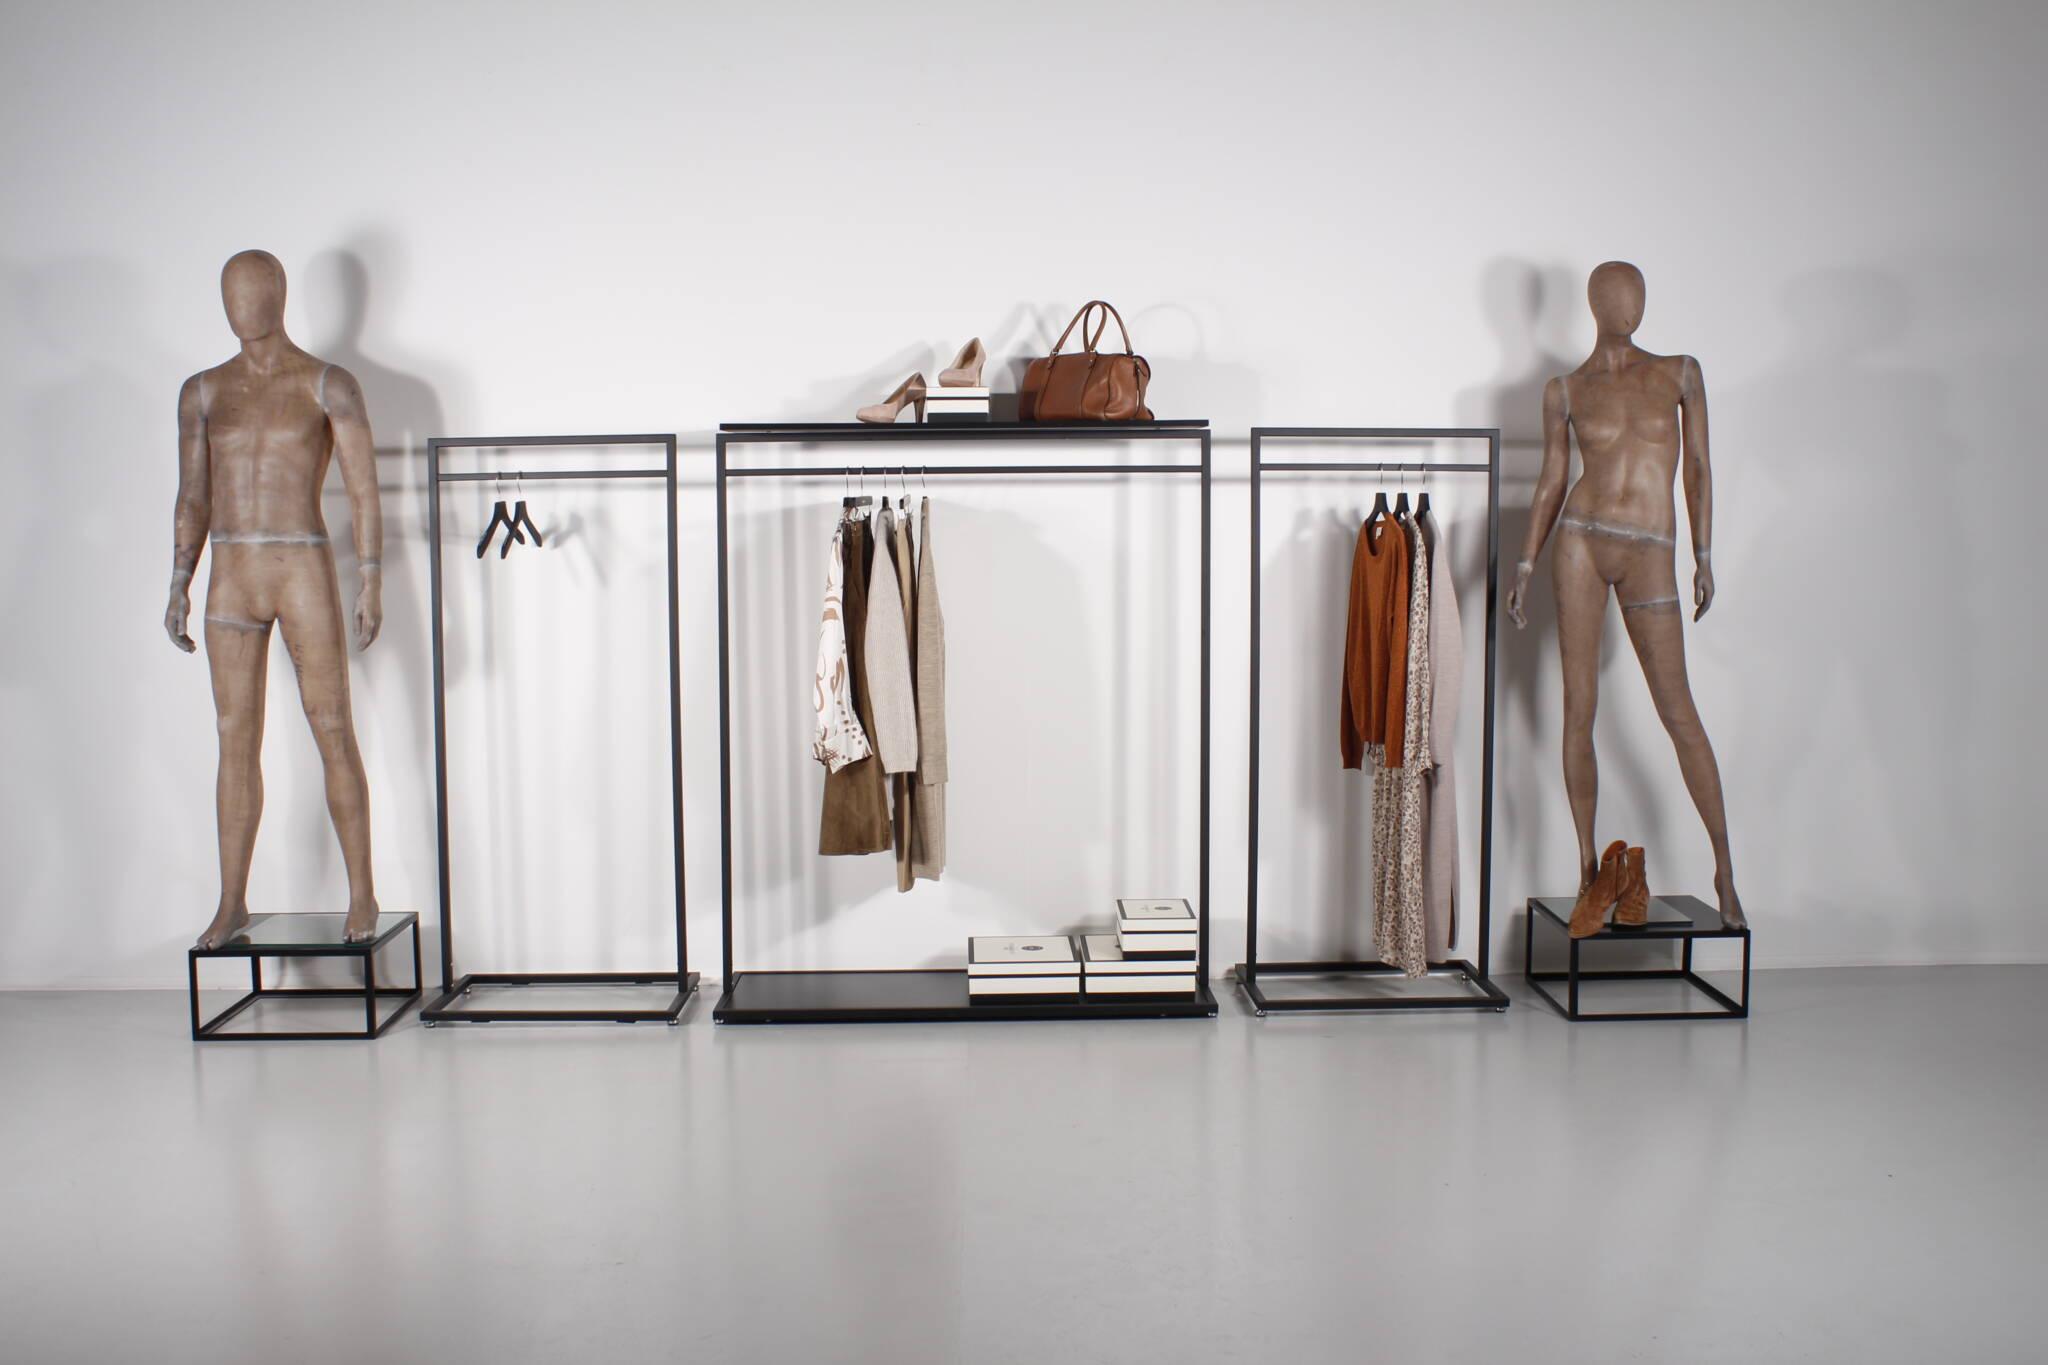 Showroom indretning med stativer og mannequin podier